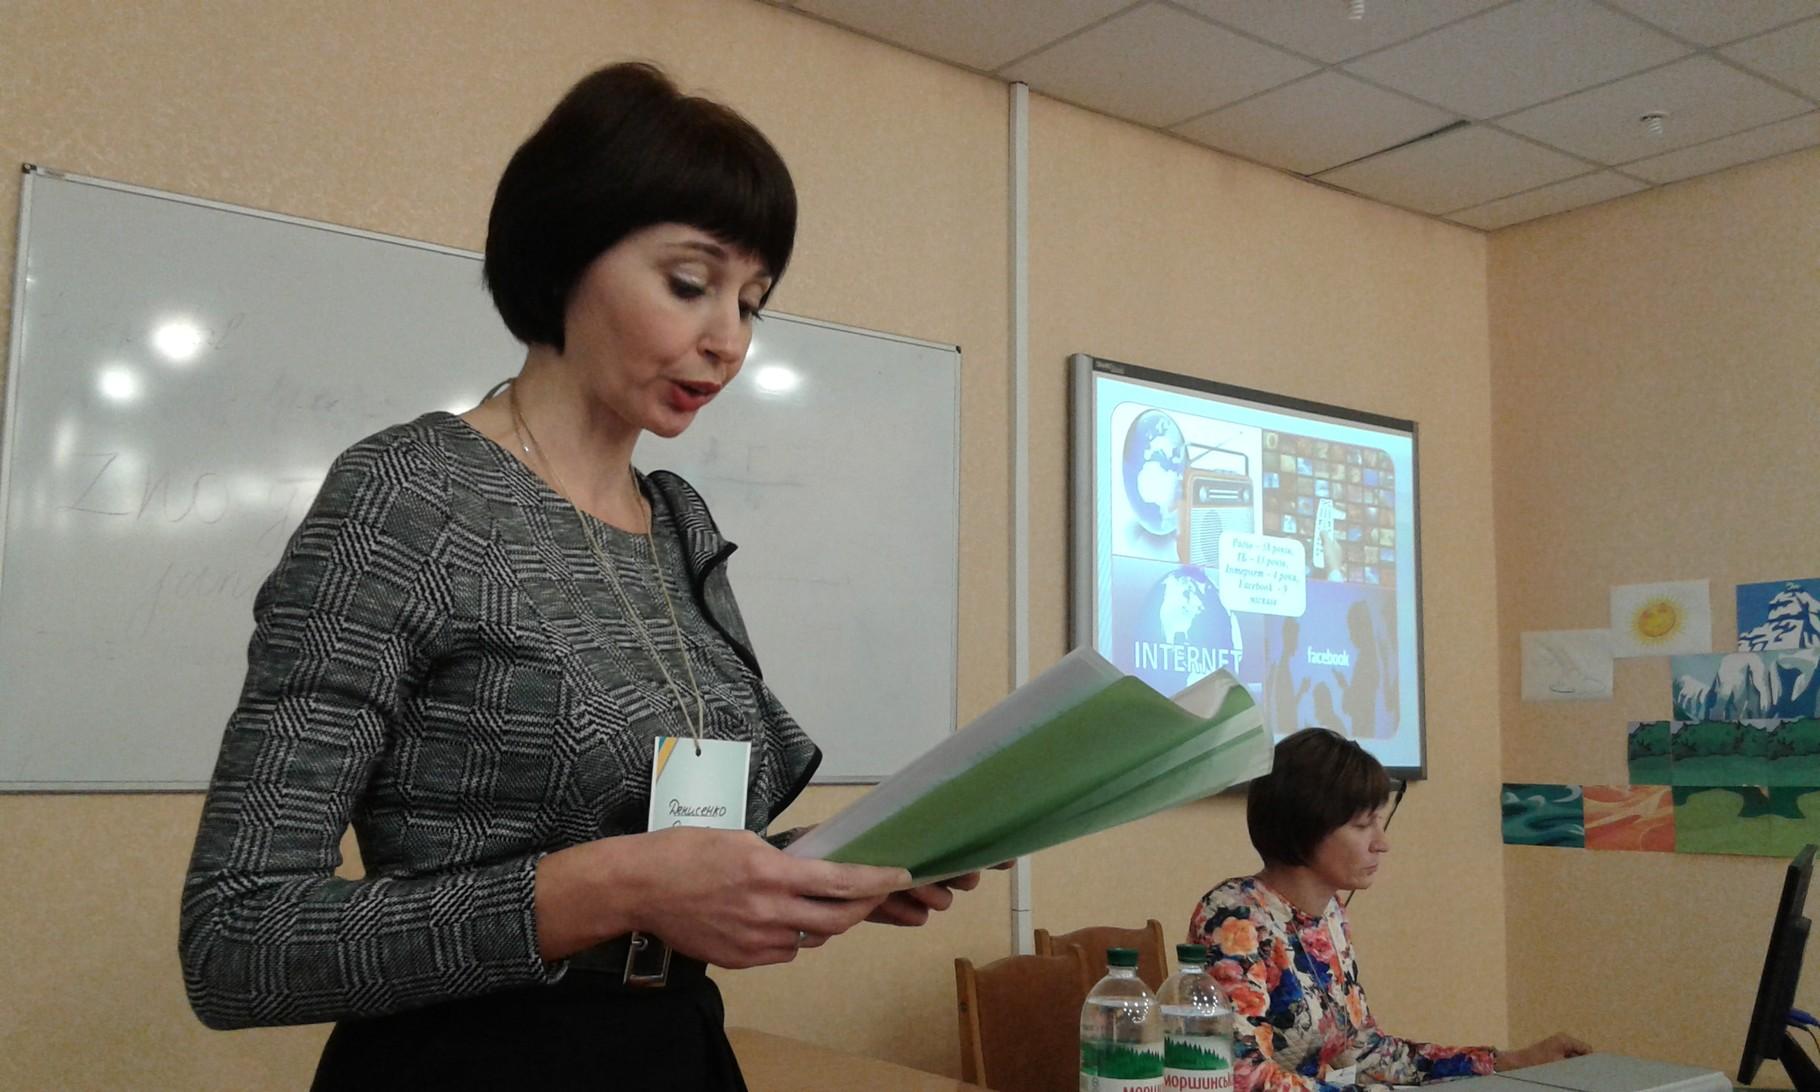 Досвідом ділиться Денисенко  Оксана Михайлівна, вчитель історії ЗШ № 3 відділу освіти Першотравенської міської ради